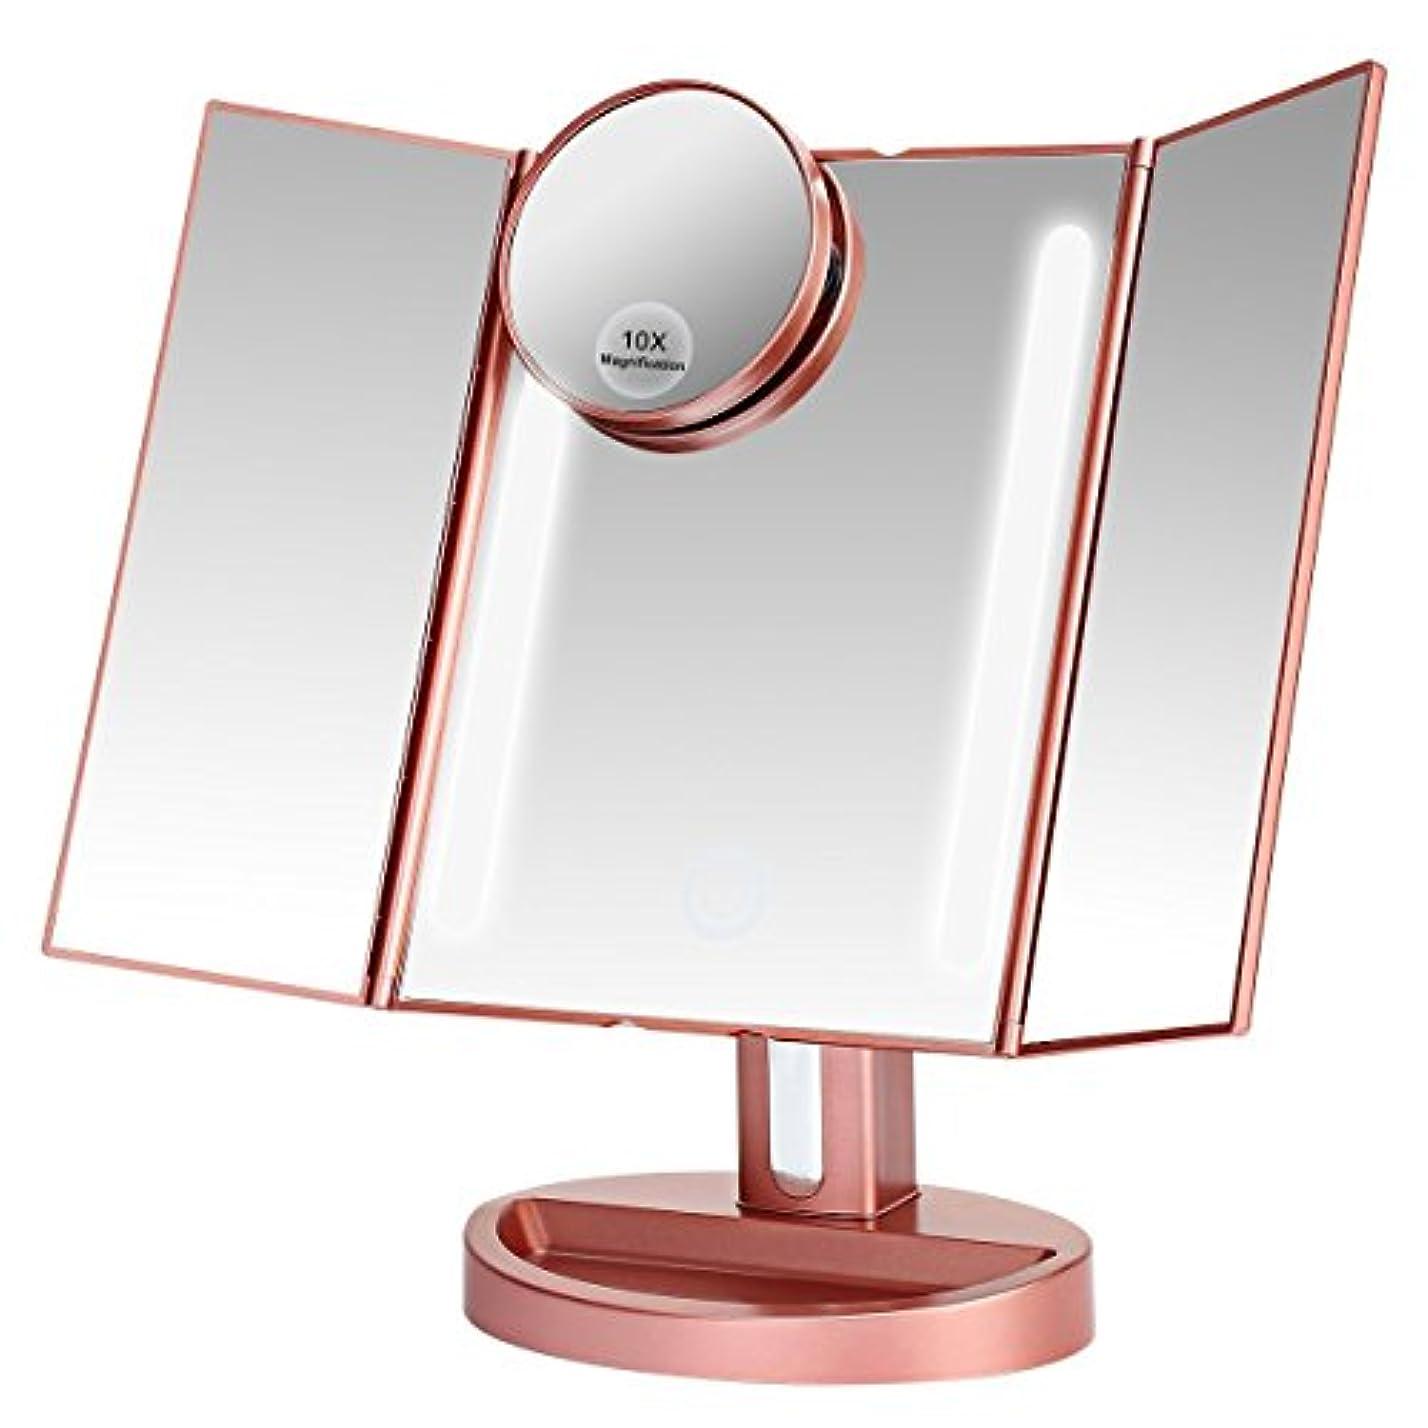 起こりやすい器官リア王LEEPWEI 化粧鏡  LED三面鏡 折りたたみ式 10倍拡大鏡付き 明るさ調節 180度回転